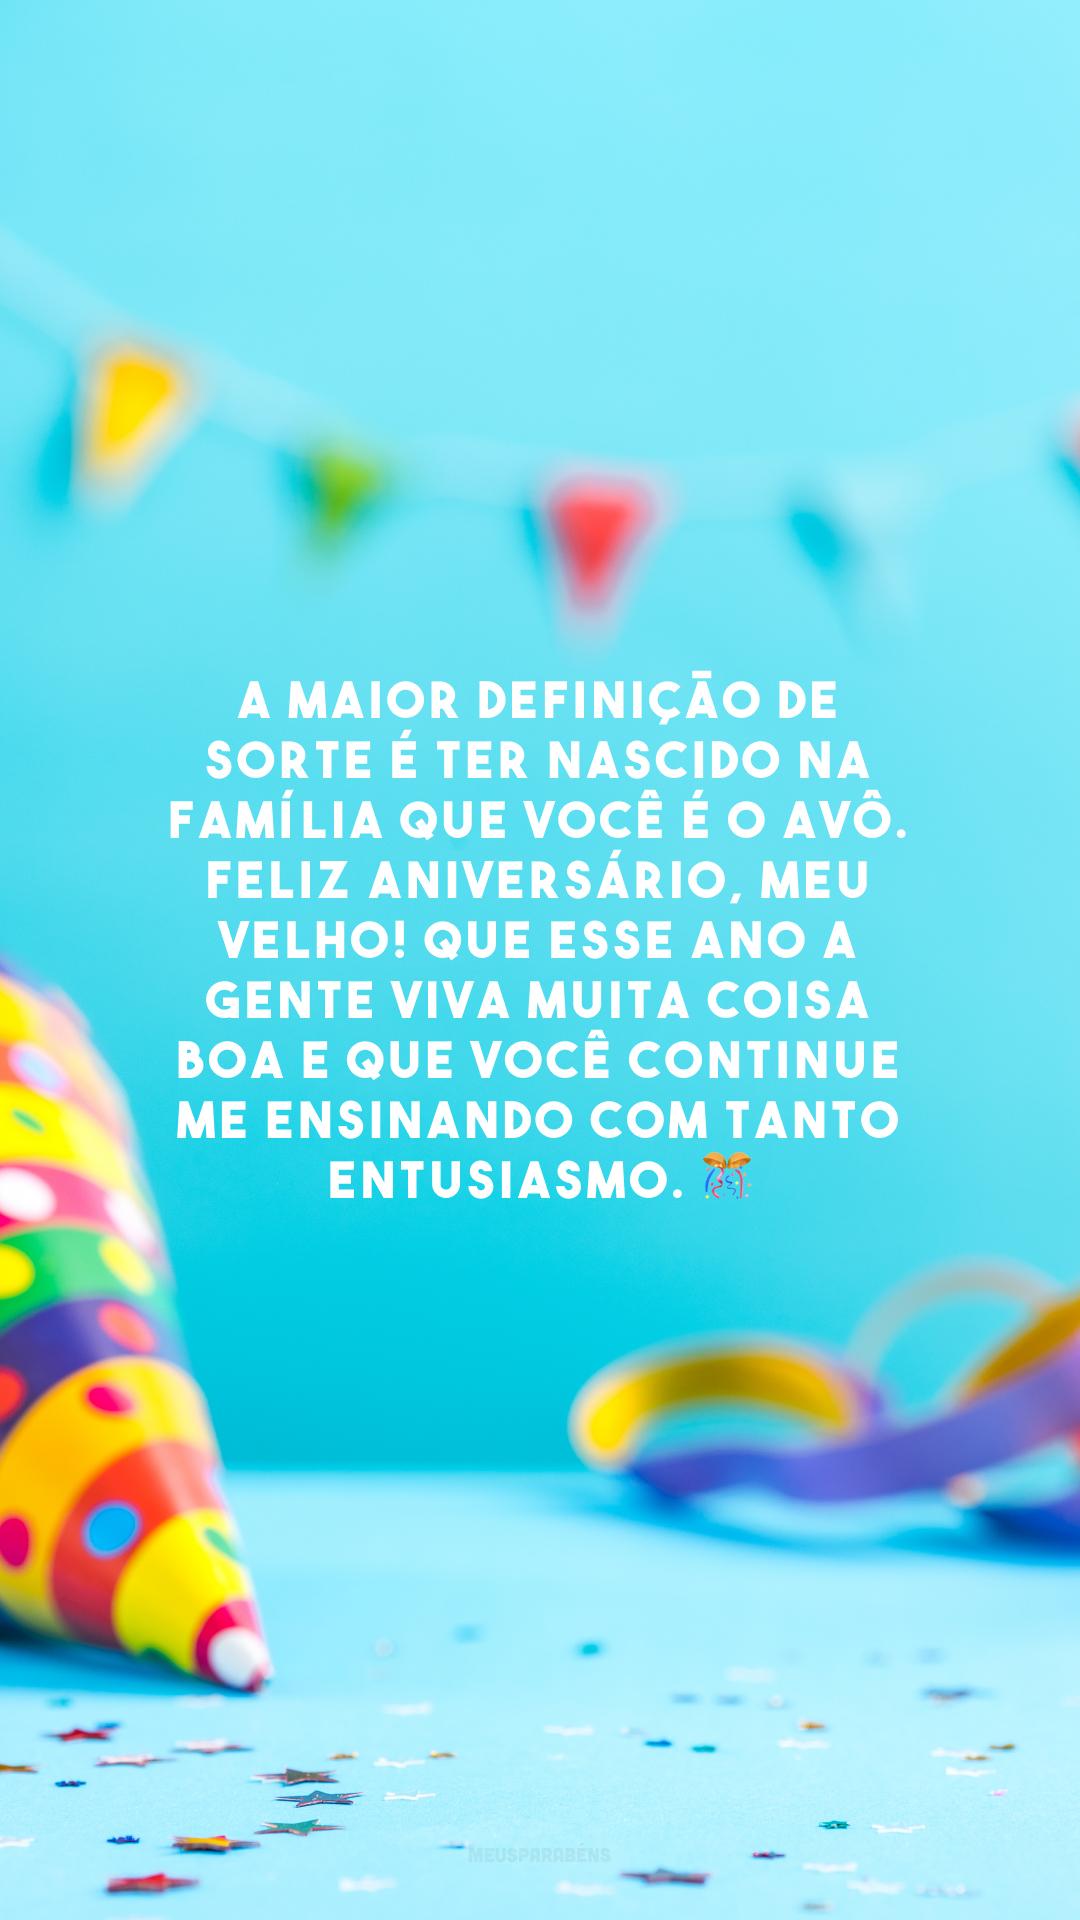 A maior definição de sorte é ter nascido na família que você é o avô. Feliz aniversário, meu velho! Que esse ano a gente viva muita coisa boa e que você continue me ensinando com tanto entusiasmo. 🎊